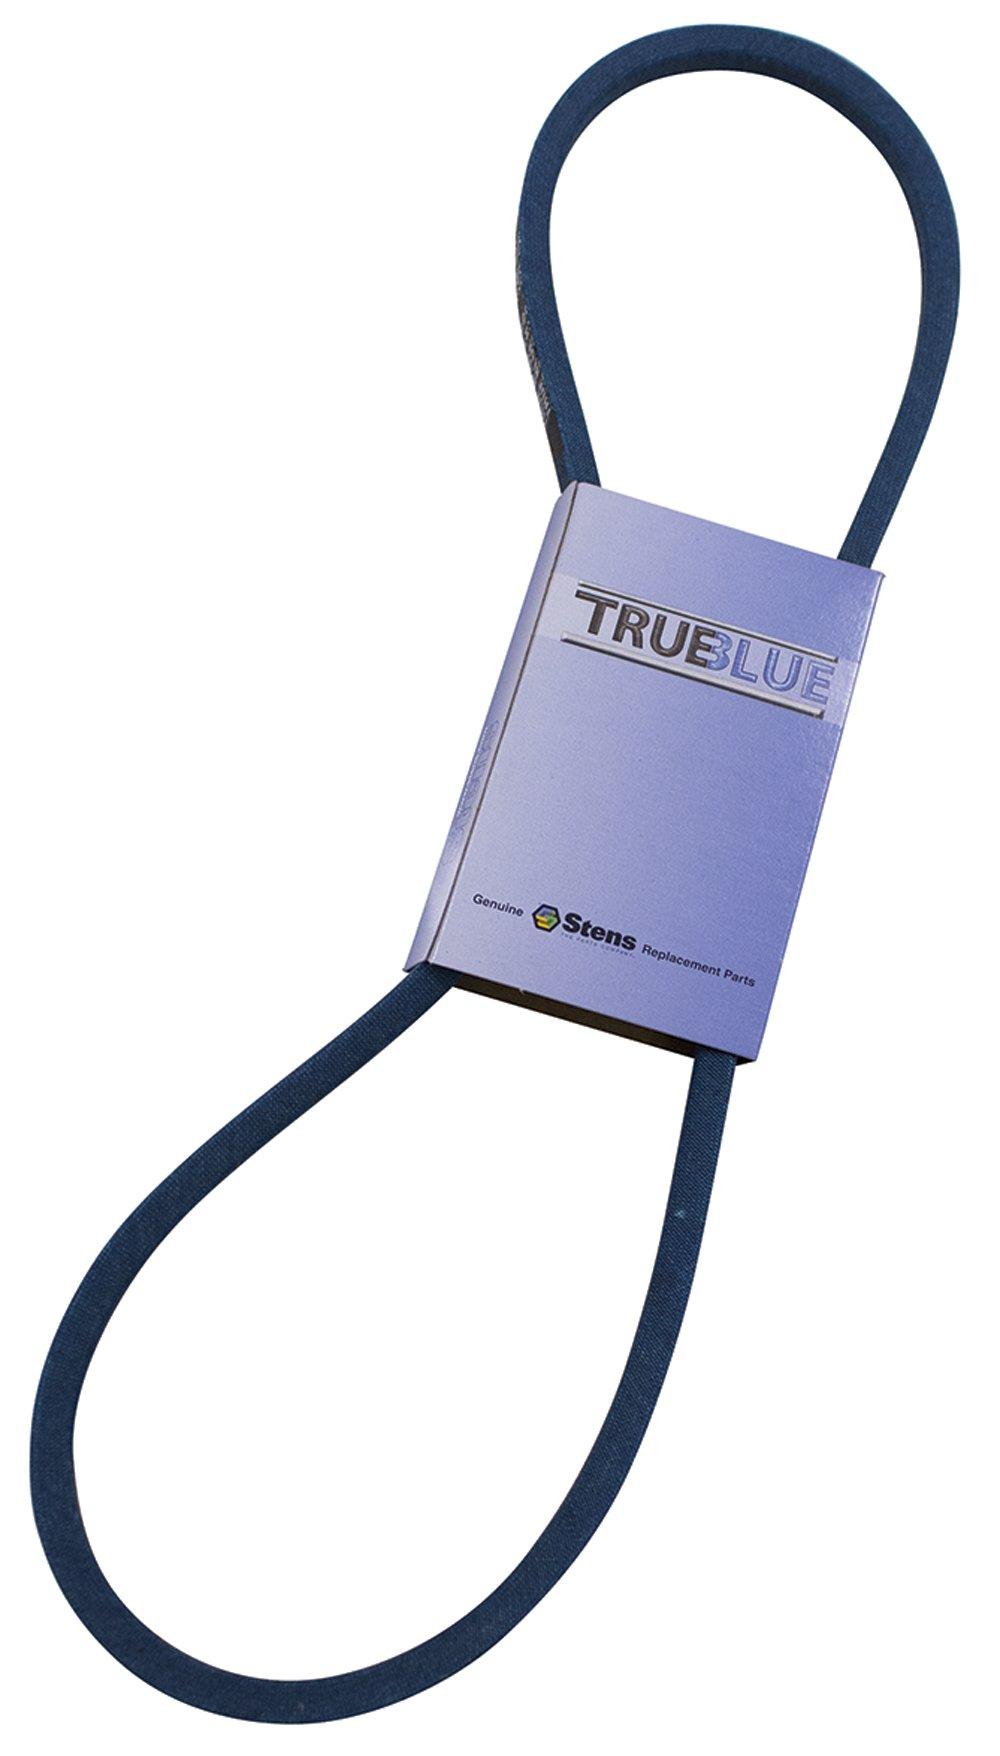 Stens 248-039 True Blue Belt